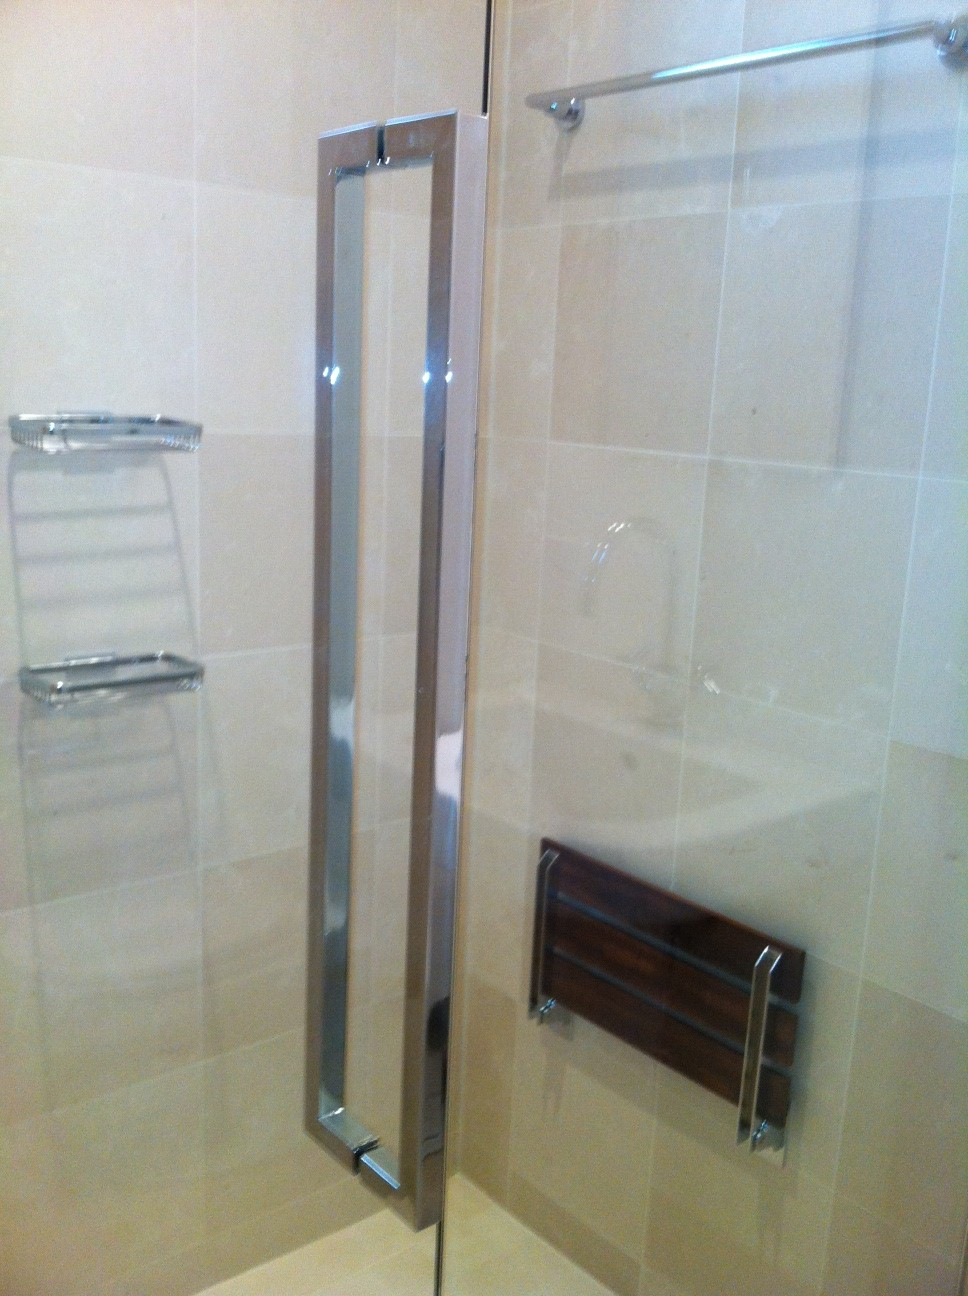 Frameless Shower Door With Cr Laurence Hardware Ot Glass